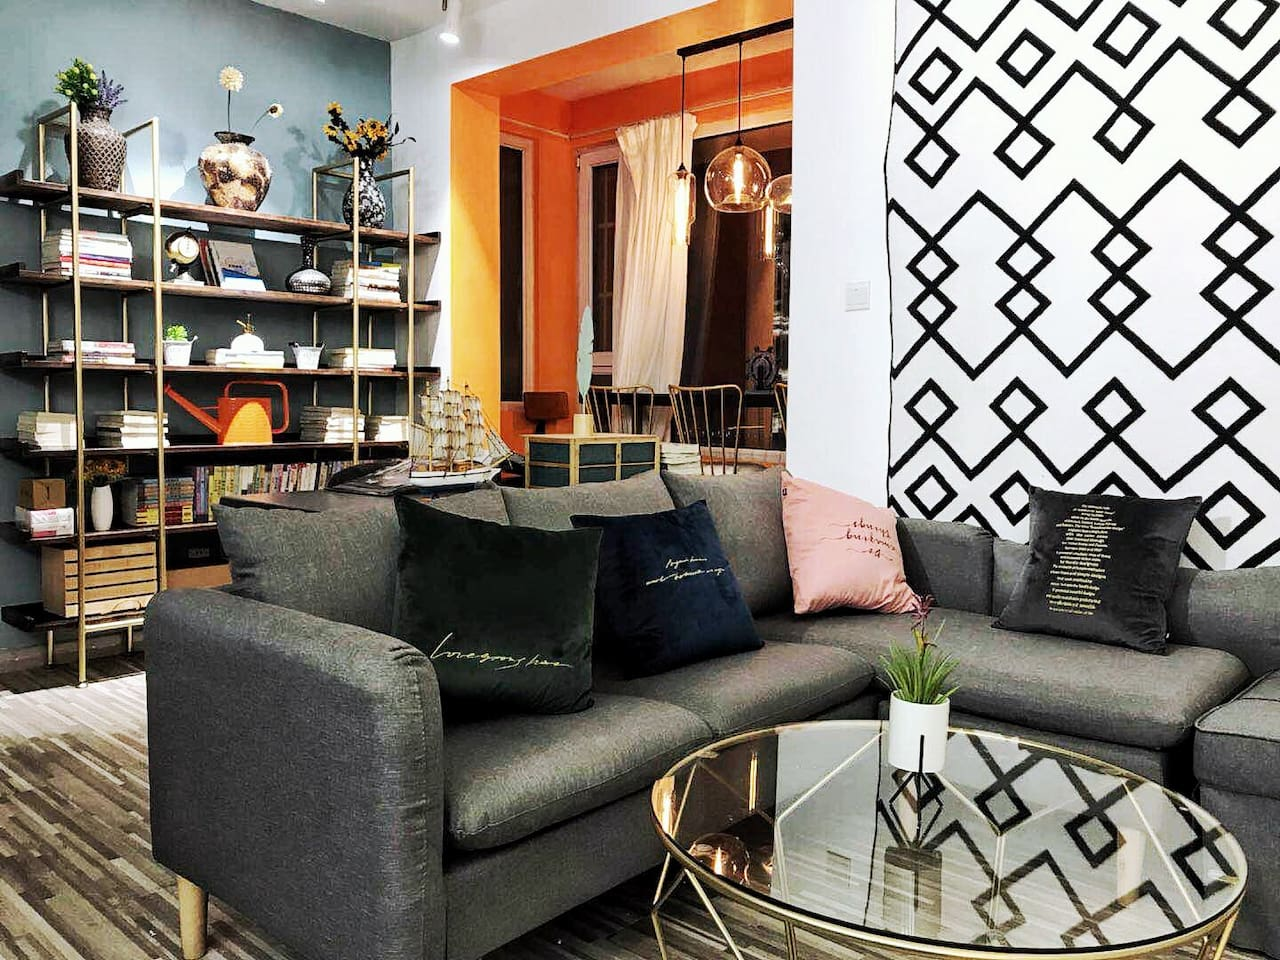 沙发,书架,吧台